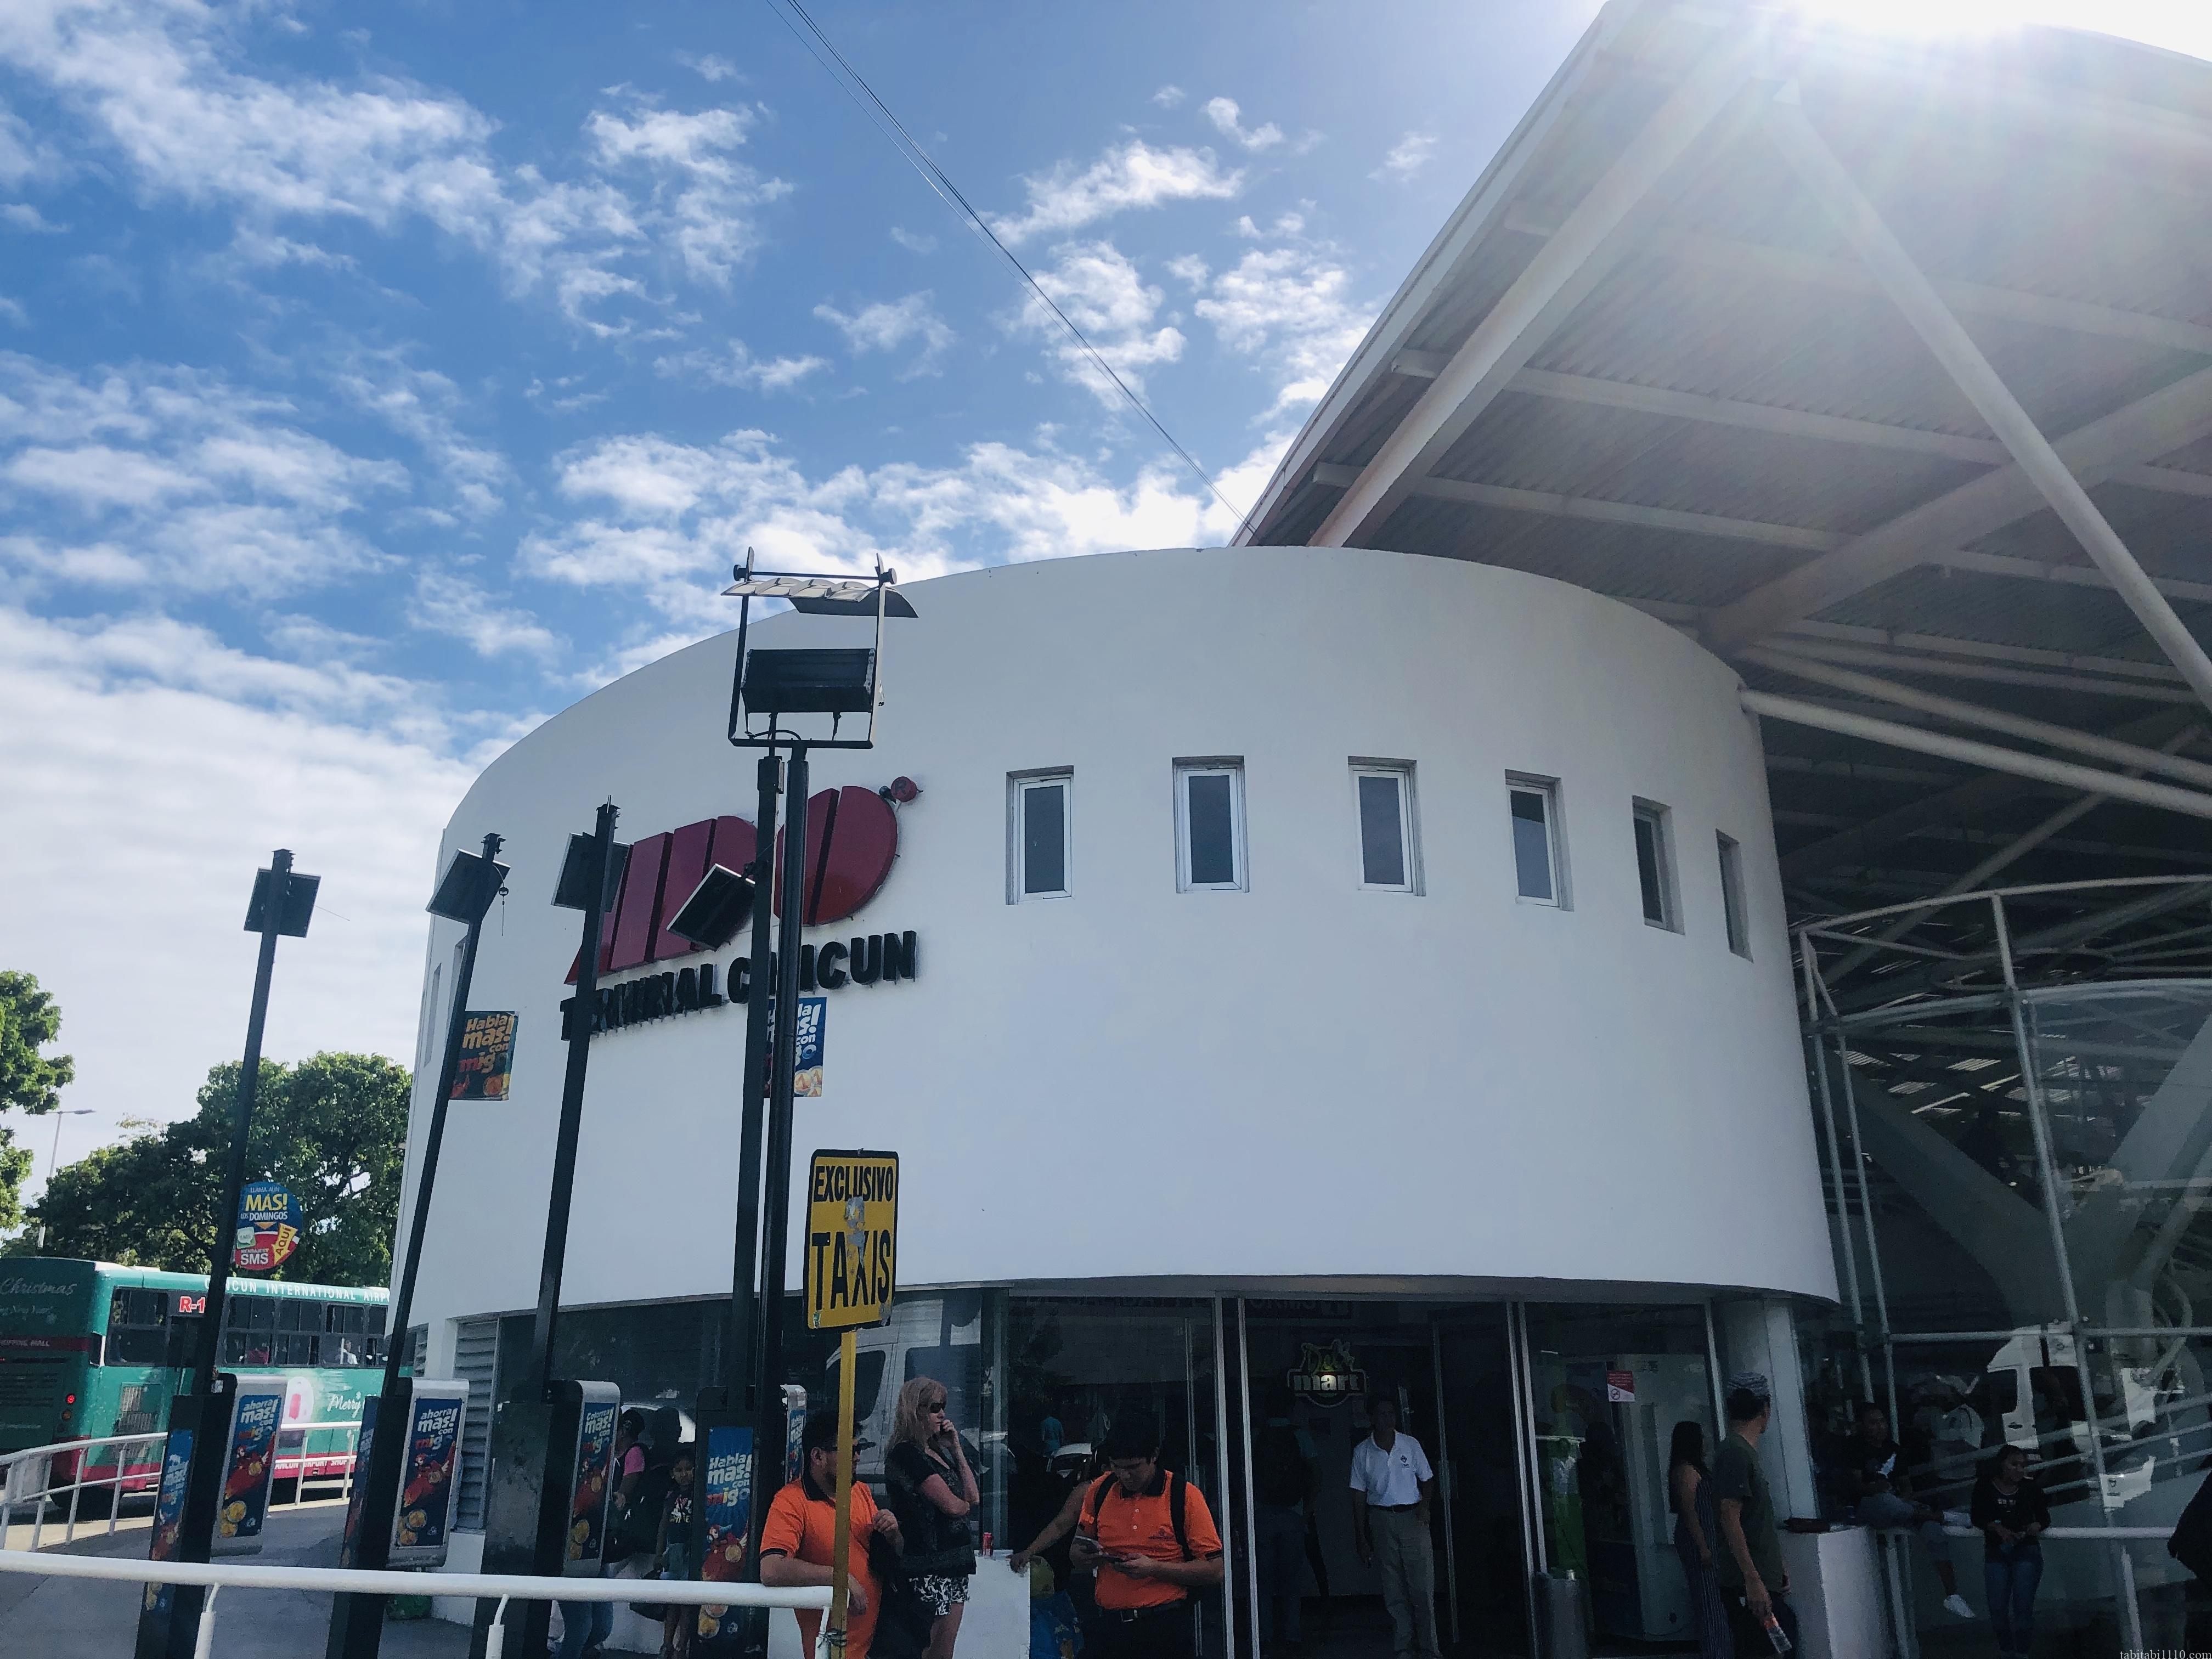 カンクン|ADOバスターミナル